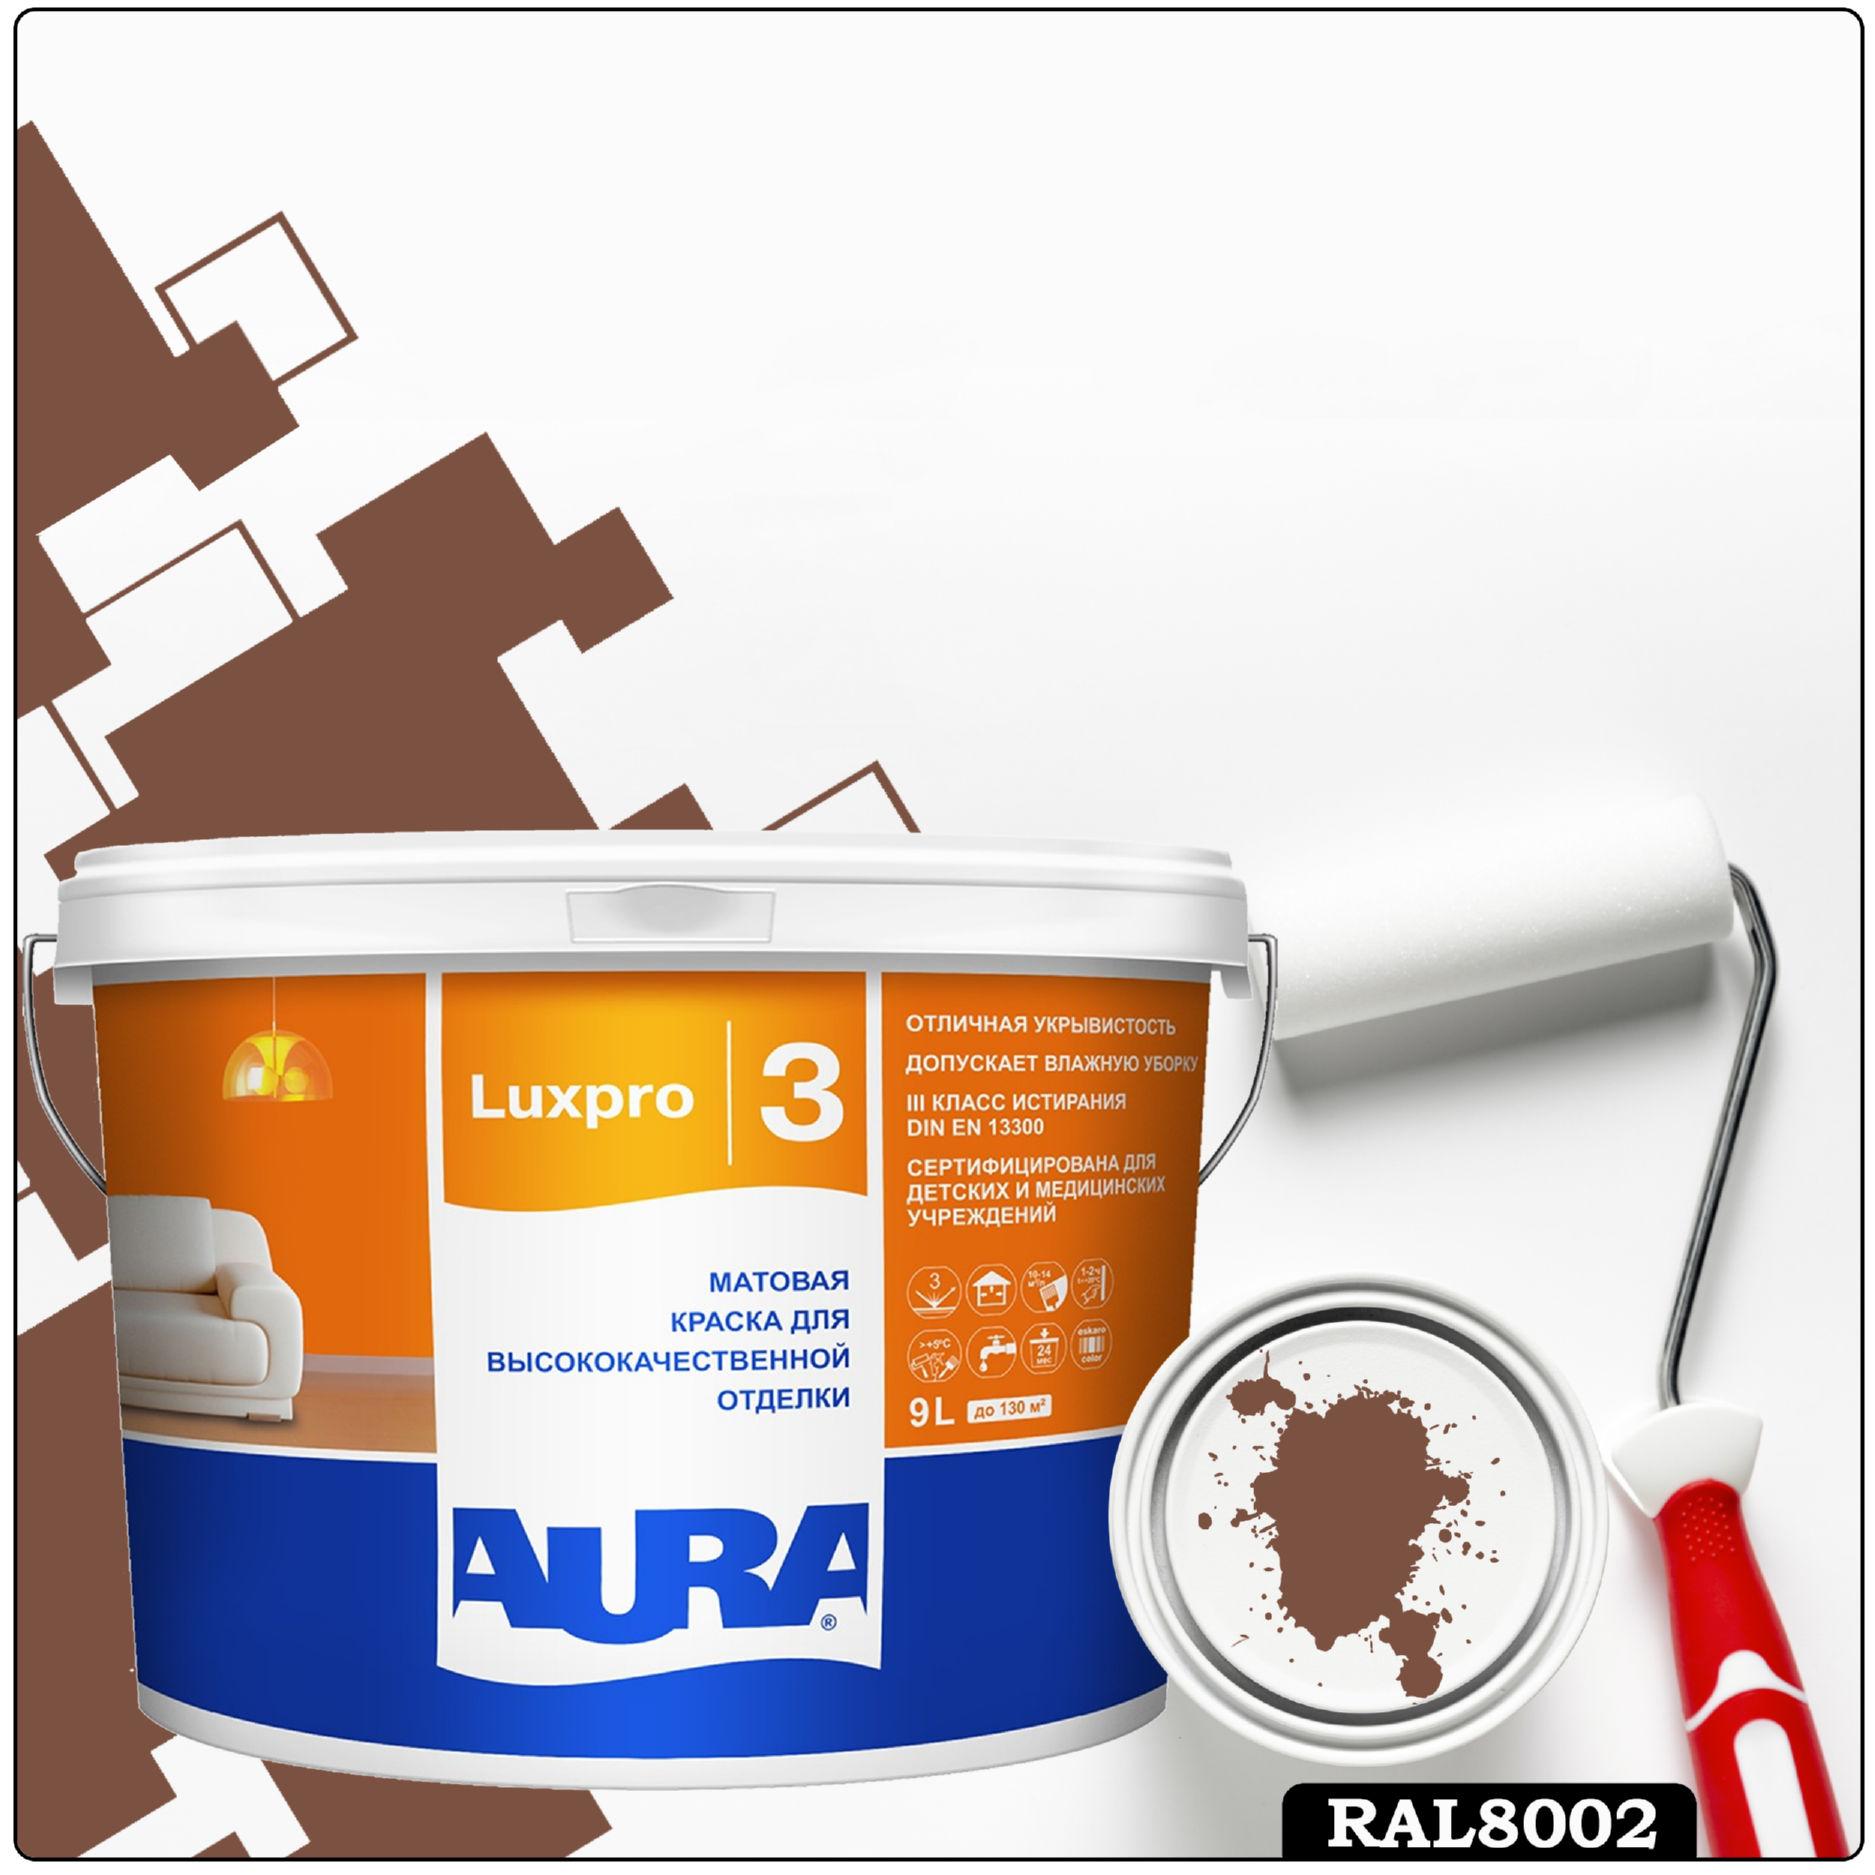 Фото 3 - Краска Aura LuxPRO 3, RAL 8002 Сигнальный коричневый, латексная, шелково-матовая, интерьерная, 9л, Аура.